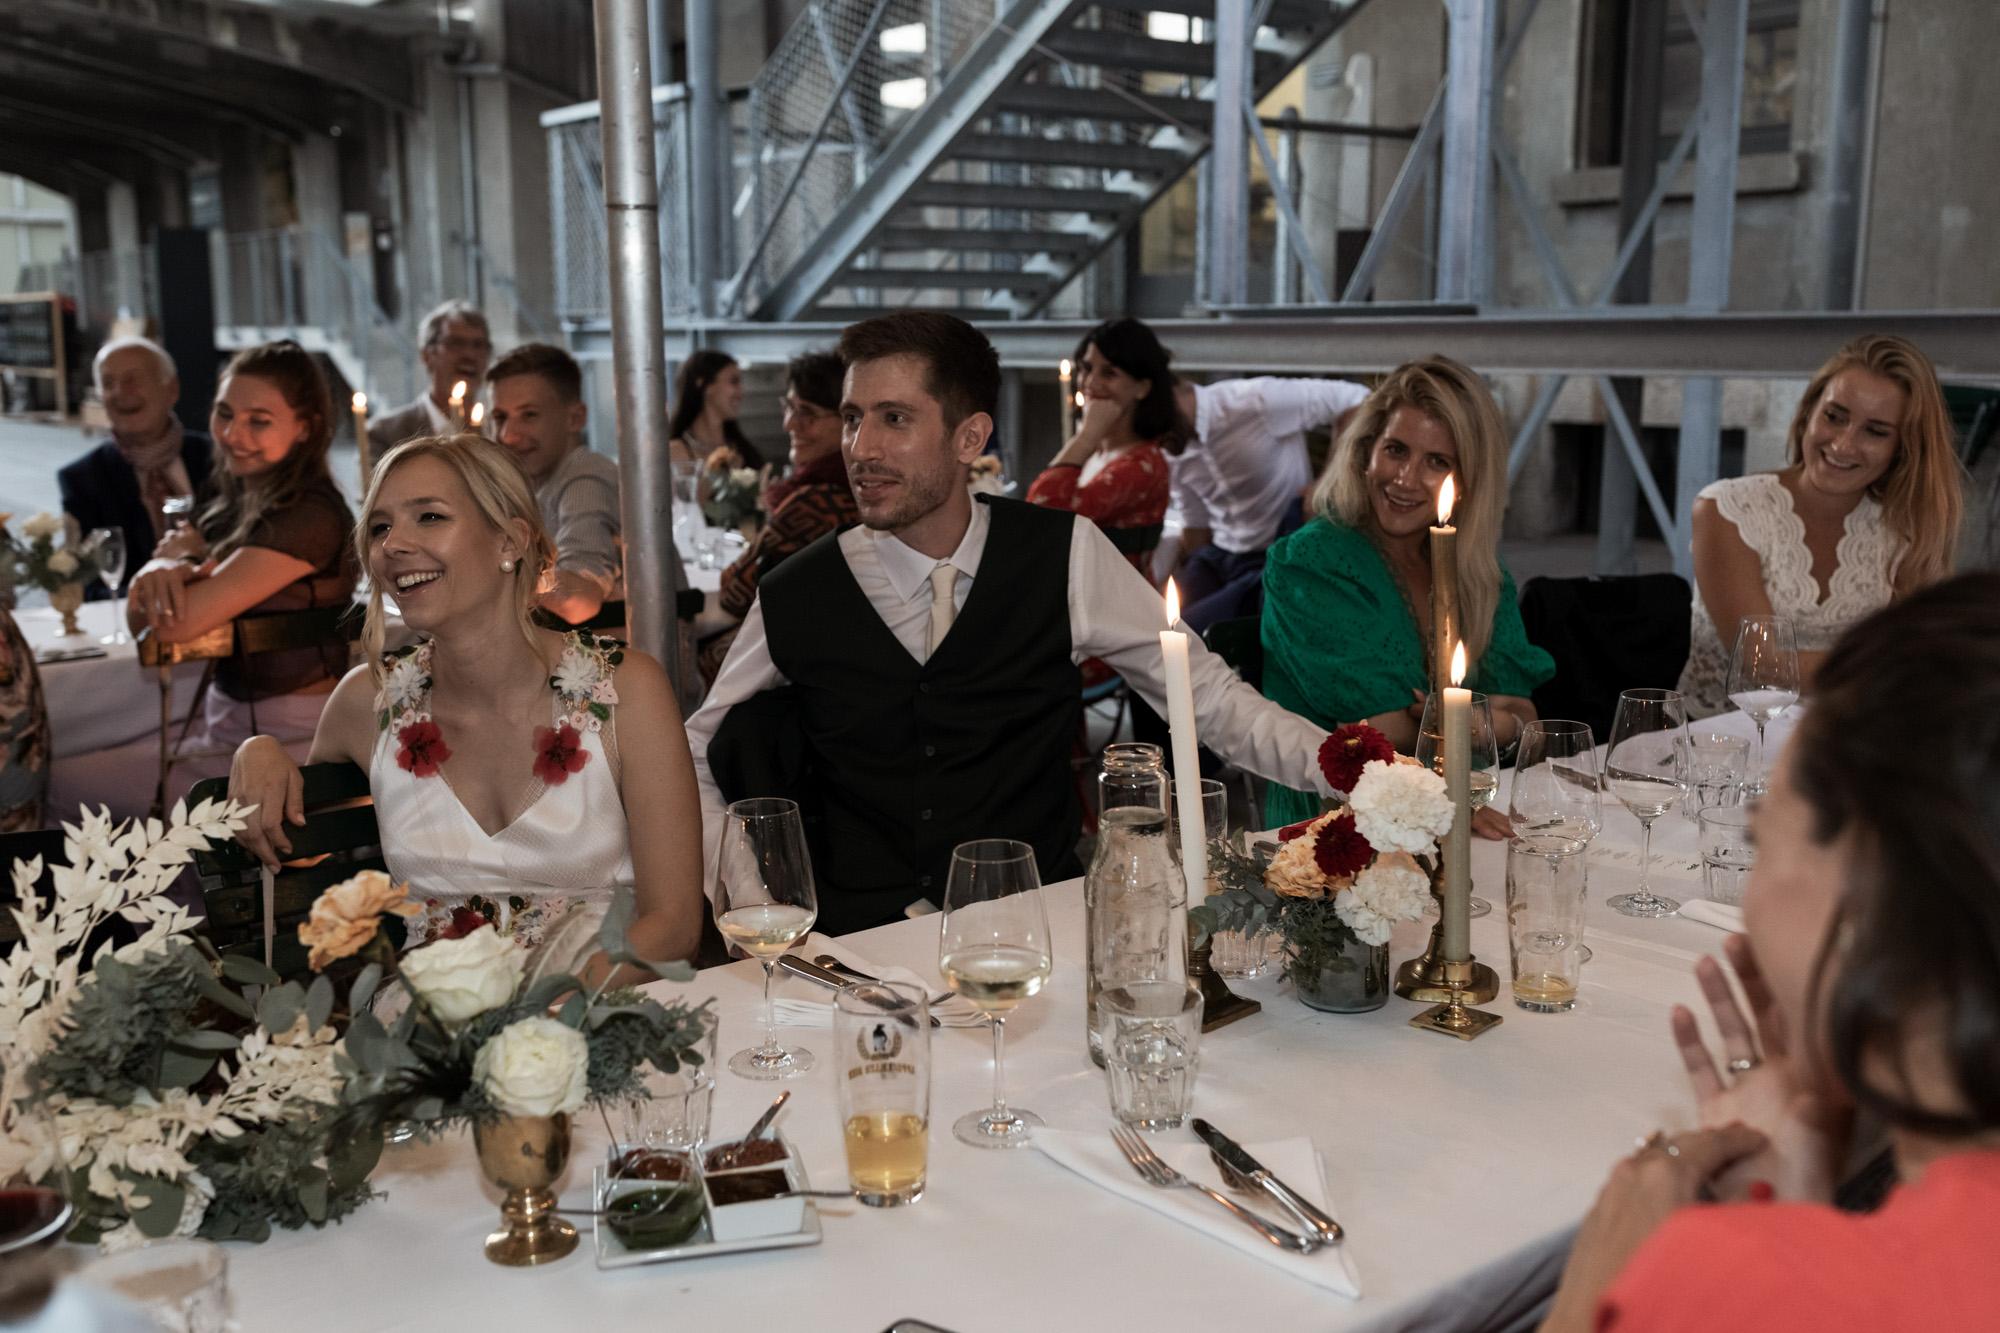 Hochzeit im Turbinenhaus in Basel - Hochzeitsansprache des Brautvater